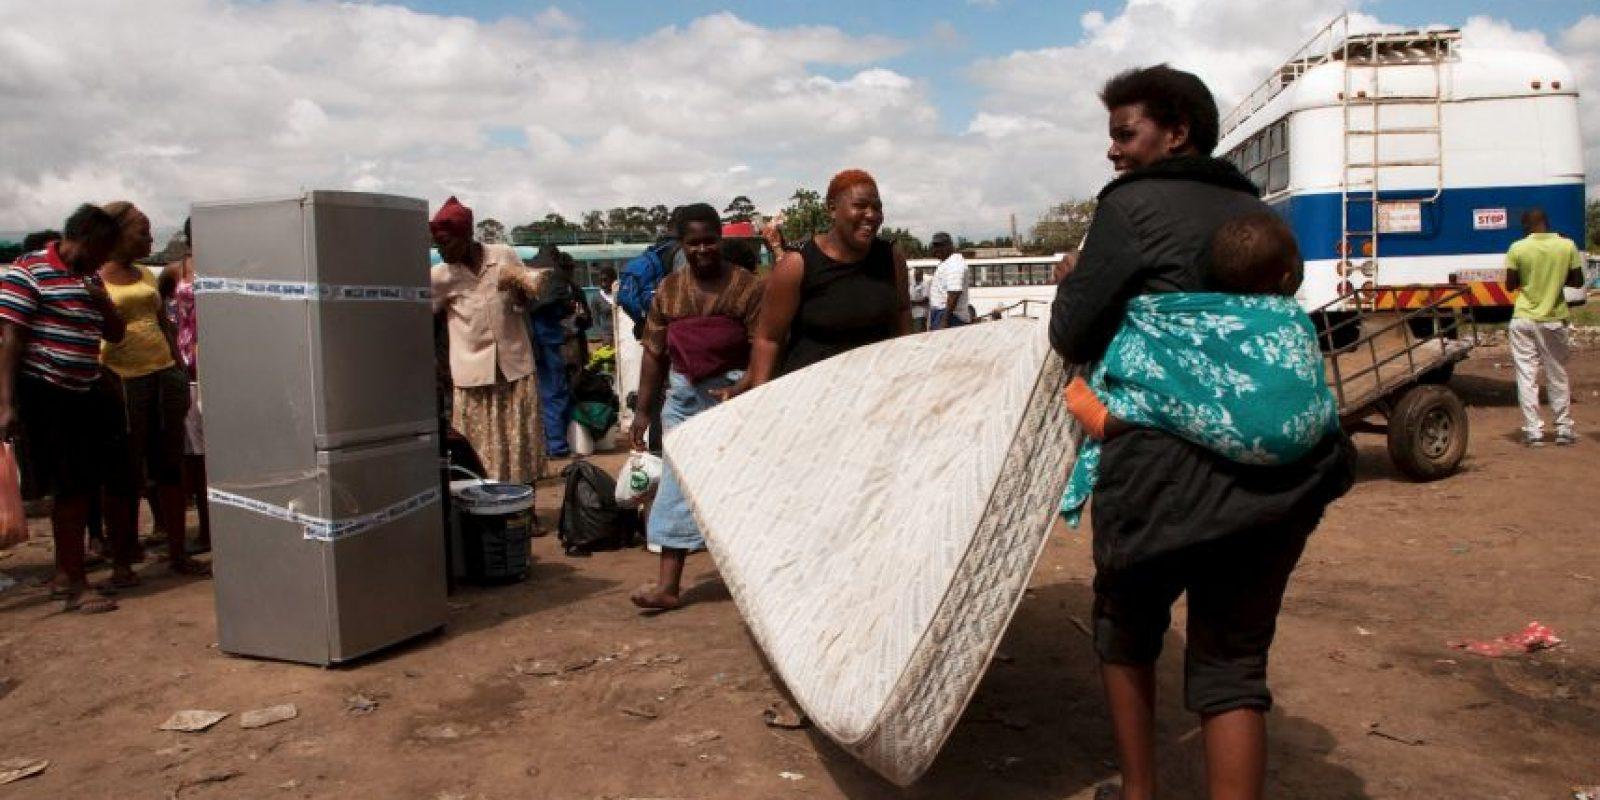 El estallido de la violencia xenófoba también ha llevado a grupos armados a atacar establecimientos de extranjeros. Foto:AFP